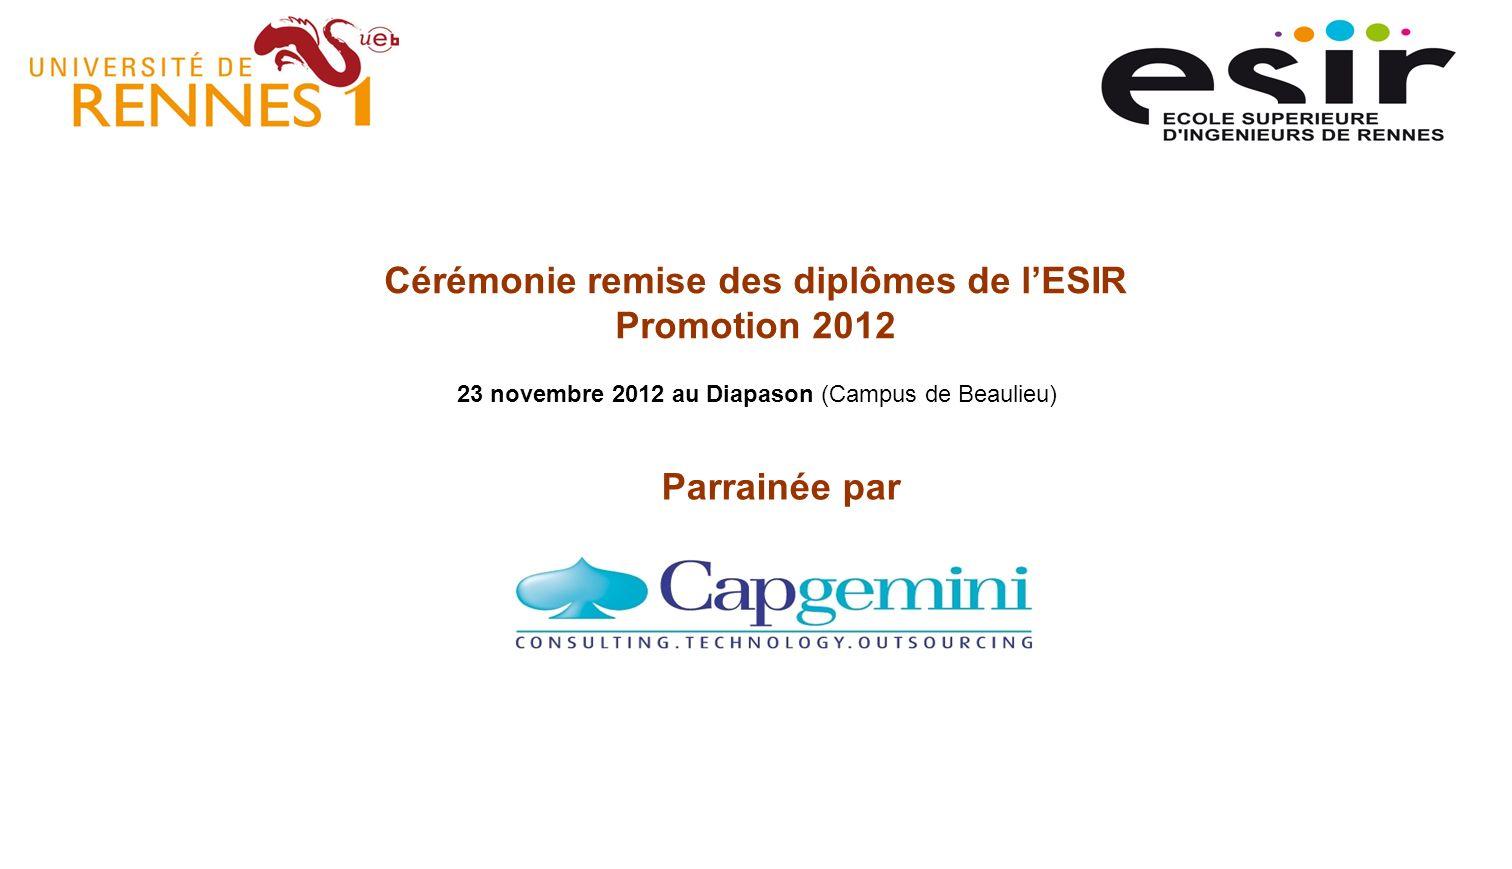 Cérémonie remise des diplômes de lESIR Promotion 2012 23 novembre 2012 au Diapason (Campus de Beaulieu) Parrainée par